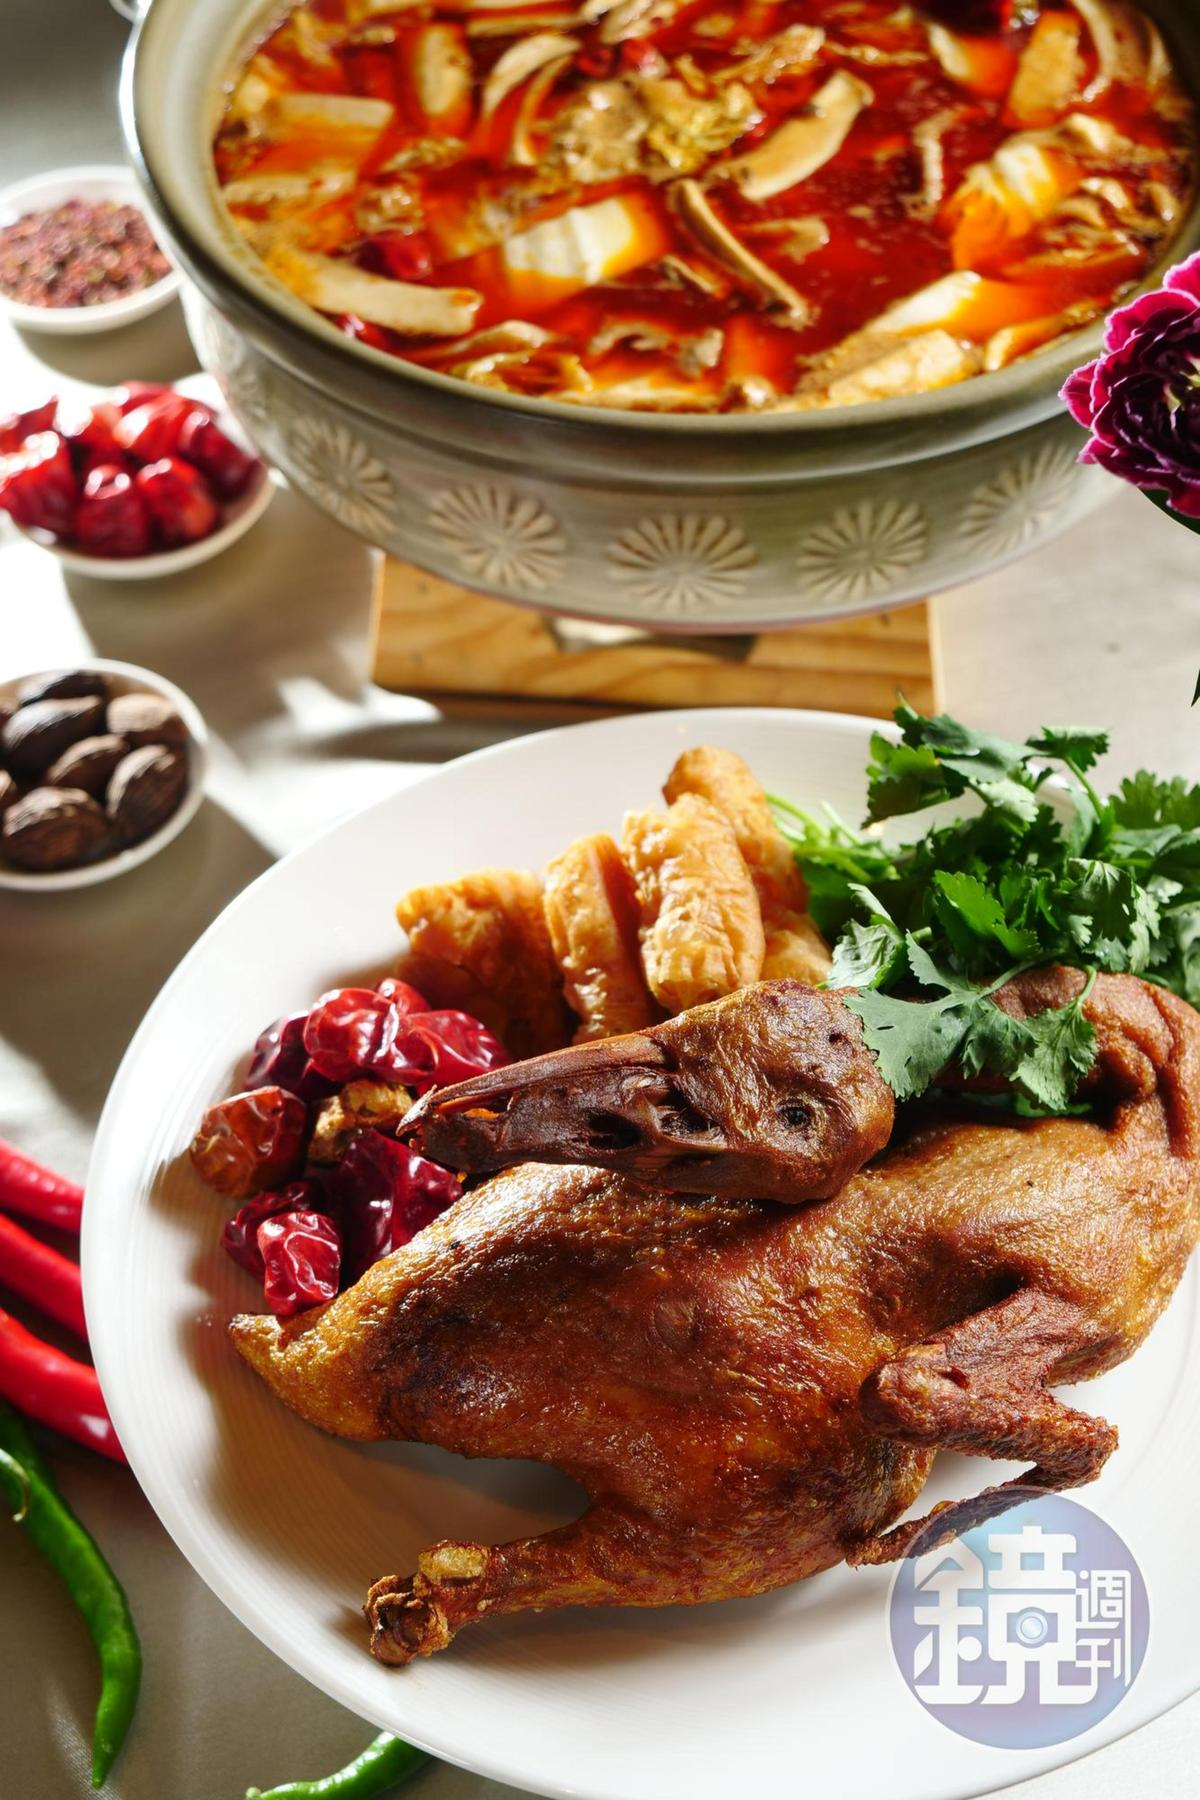 改良自成都冒菜的「天府冒鴨鍋」,幼鴨炸酥後放進鍋,越煮越鮮甜。(2,280元/鍋)